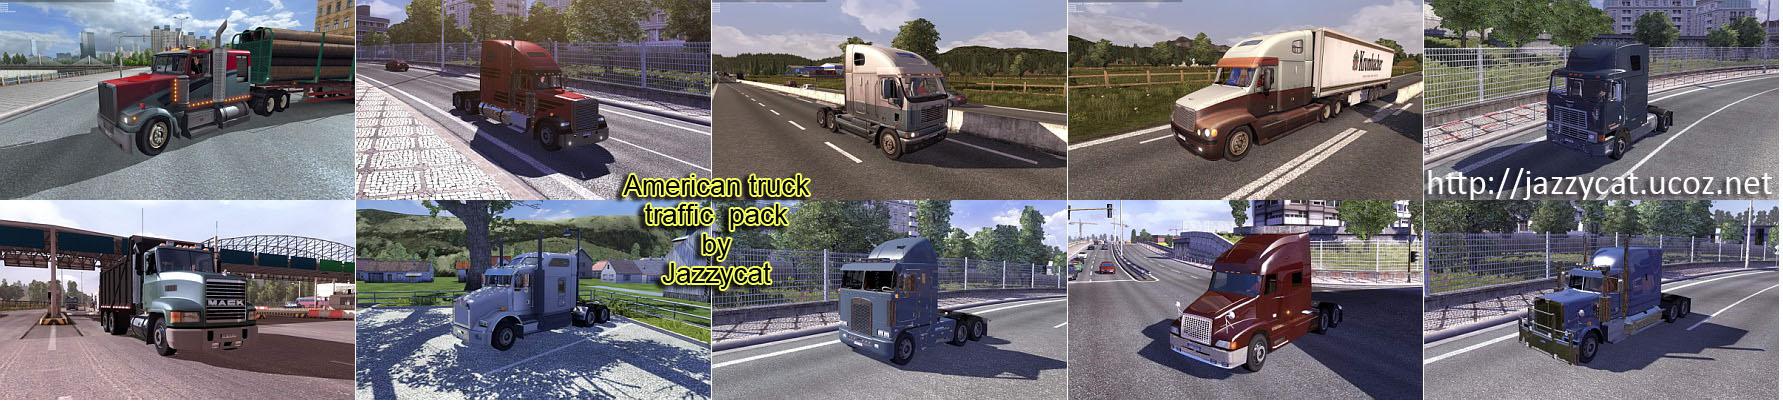 欧洲卡车模拟2美国卡车交通包MOD